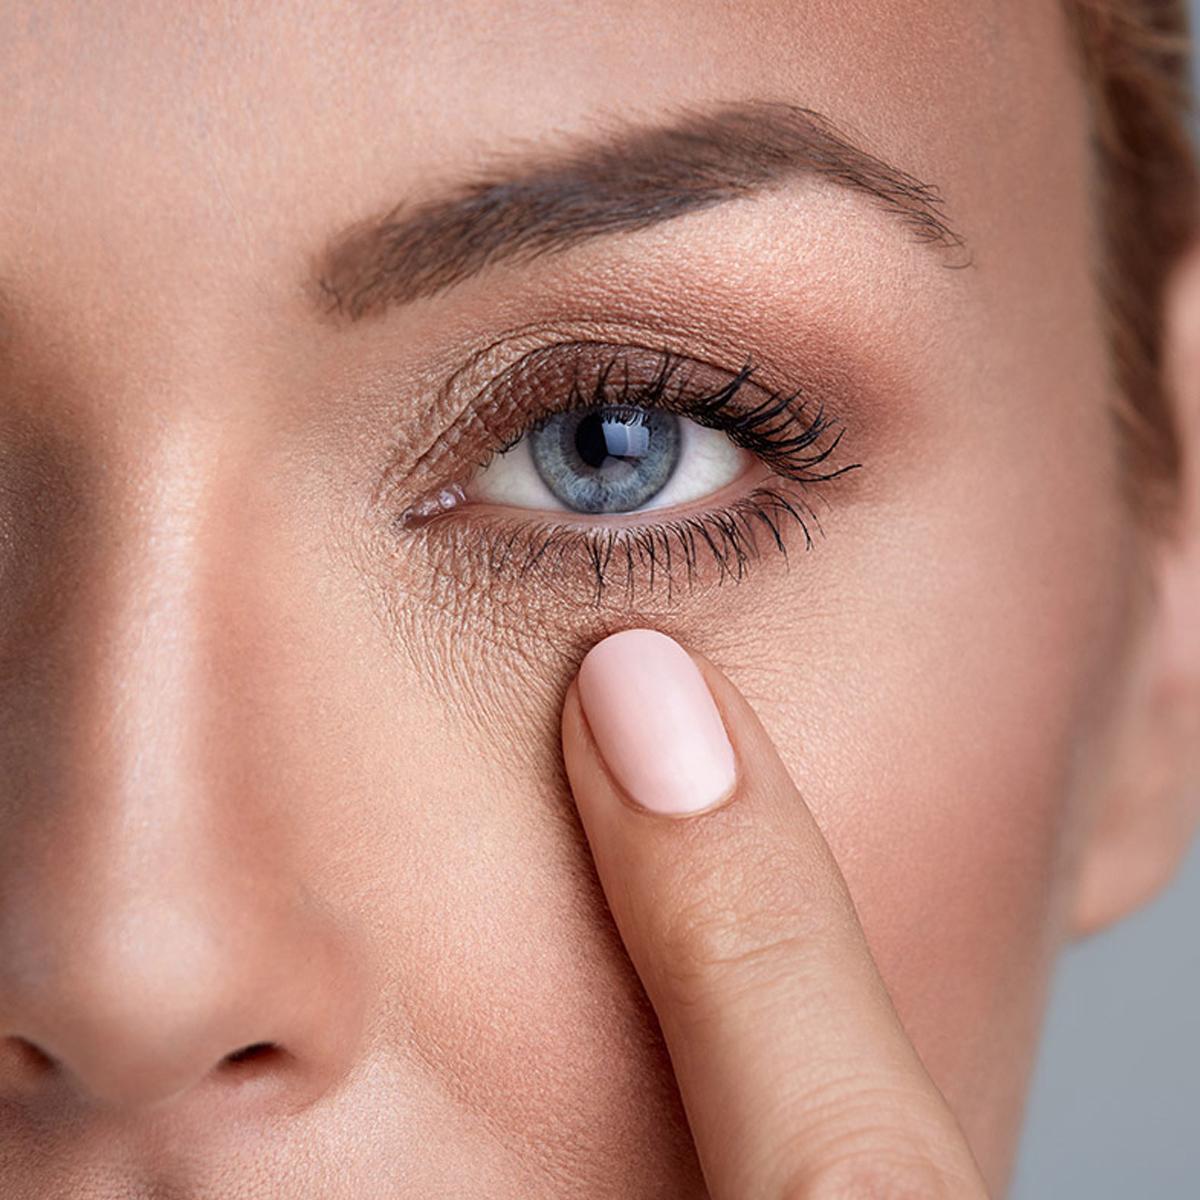 چرا روی پوستمان چروک های ناگهانی بوجود می آید؟